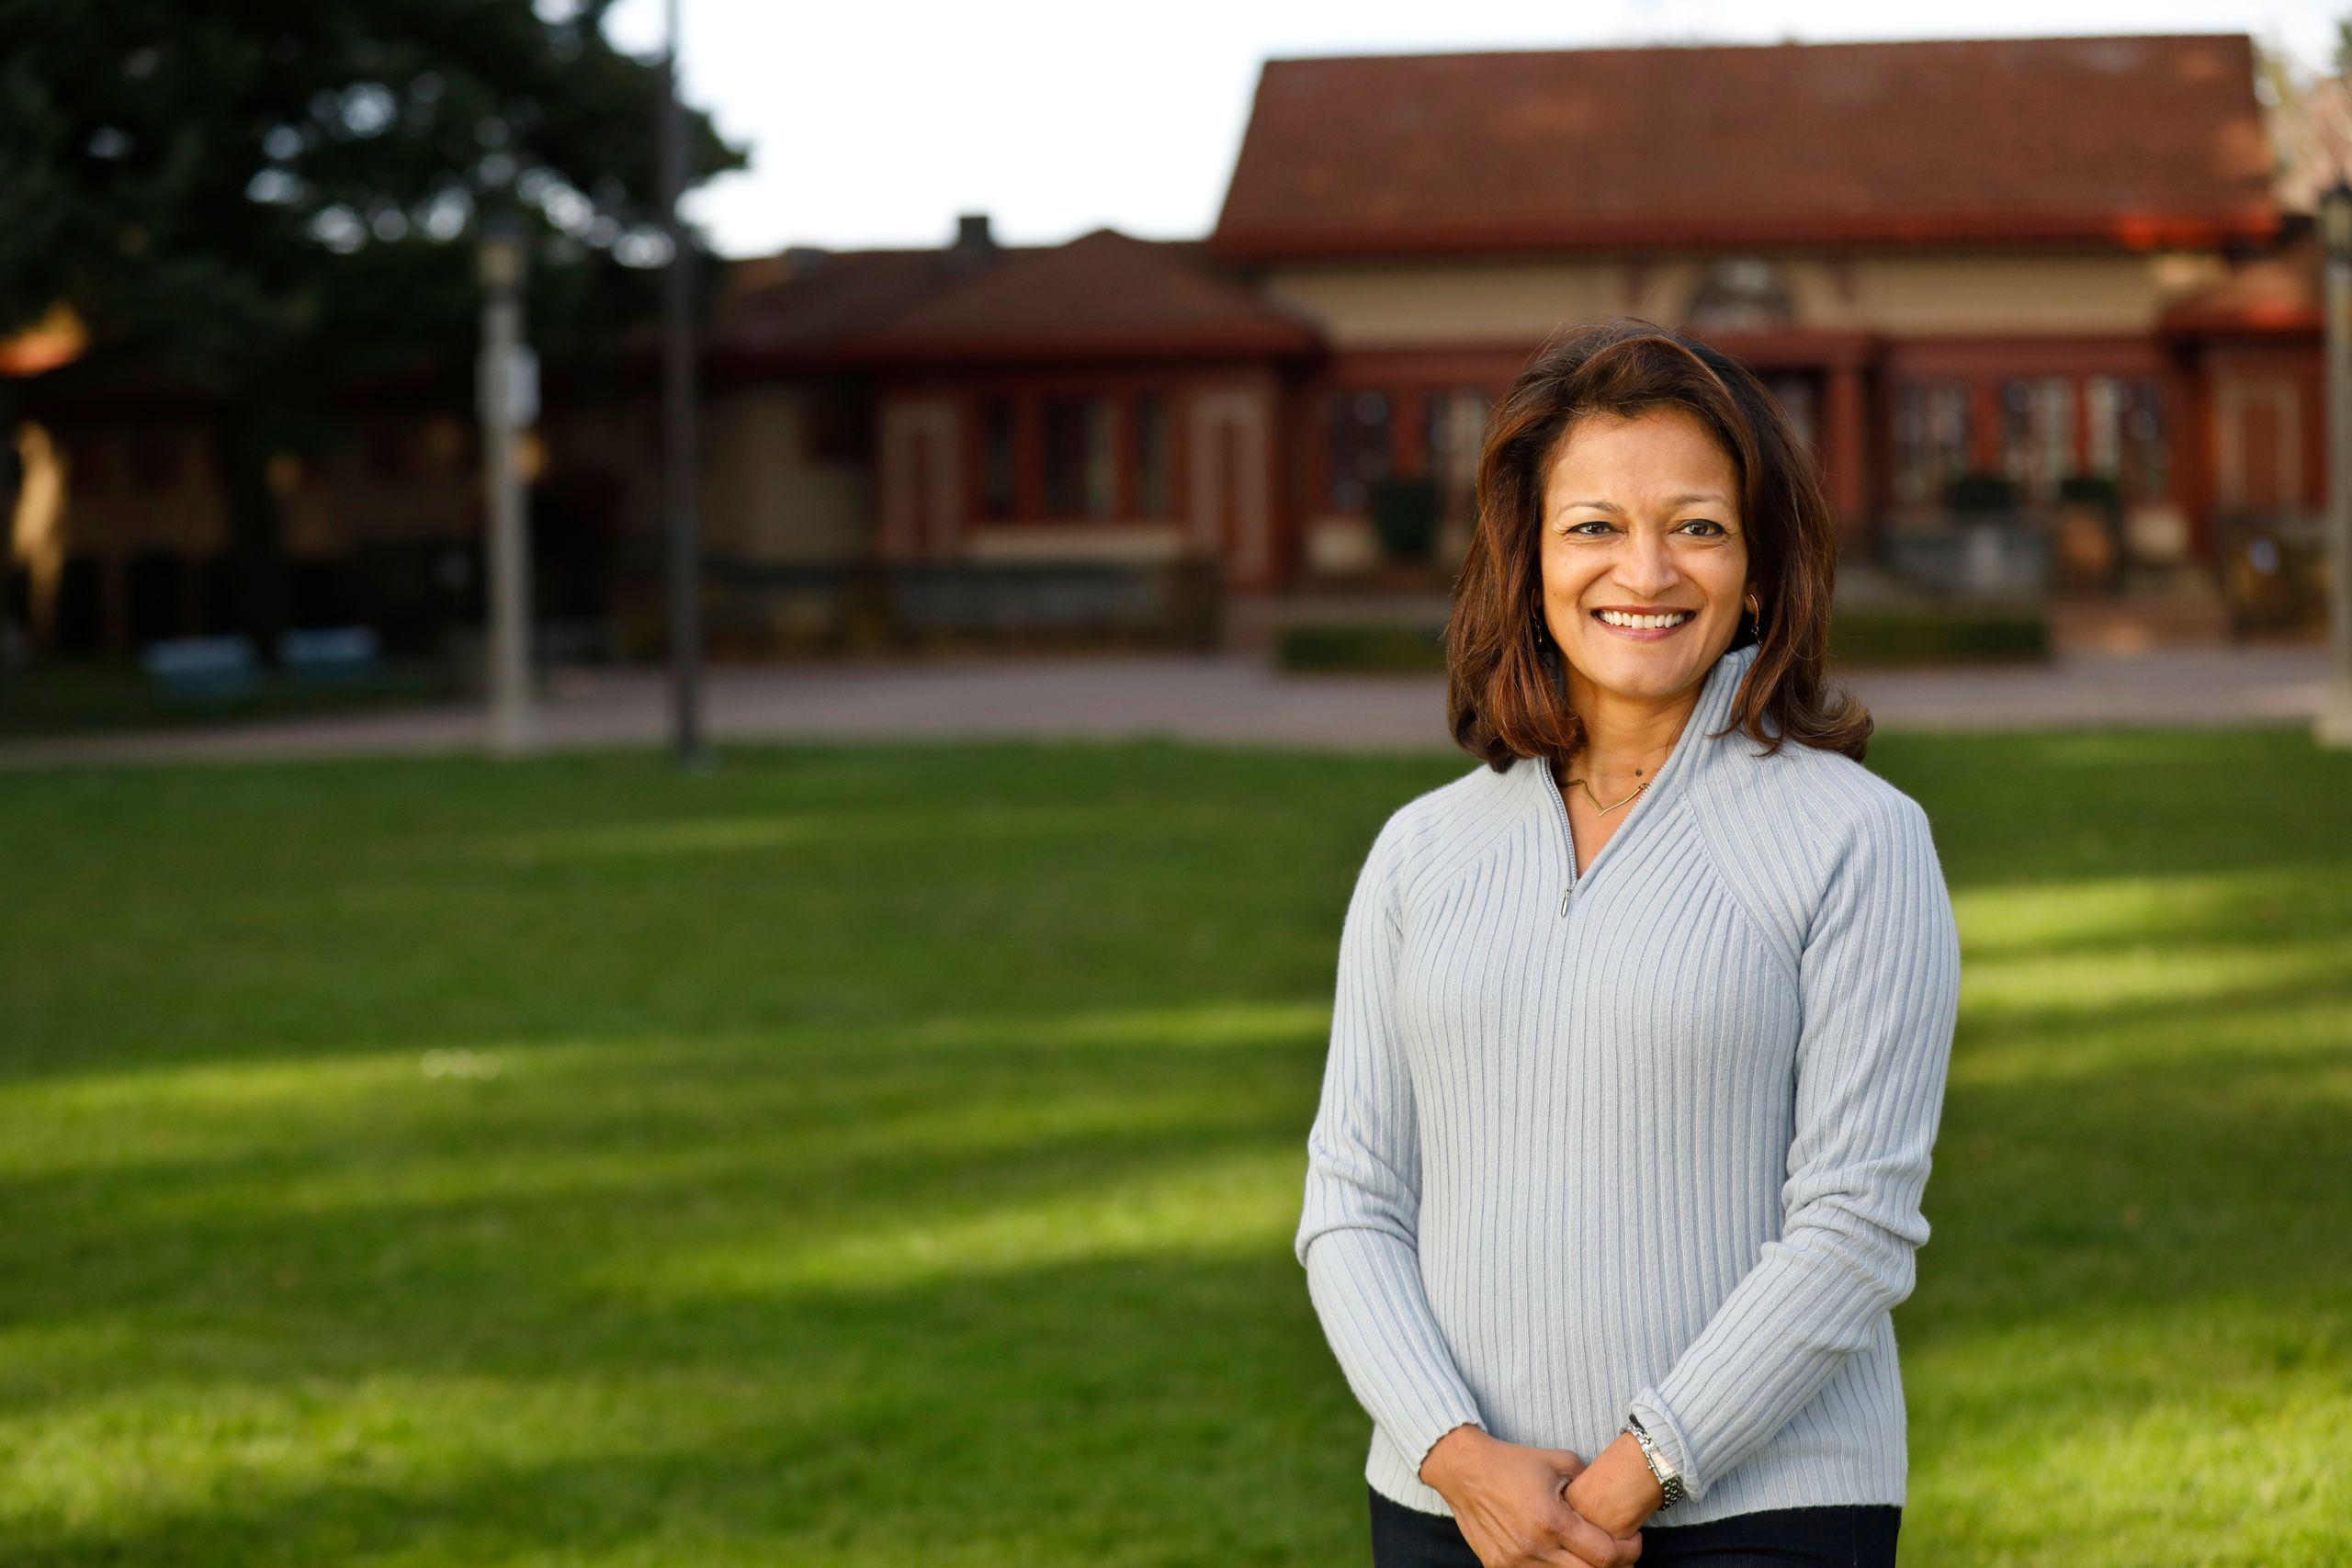 Susheela Jayapal elected as Oregon's Multnomah County Commissioner